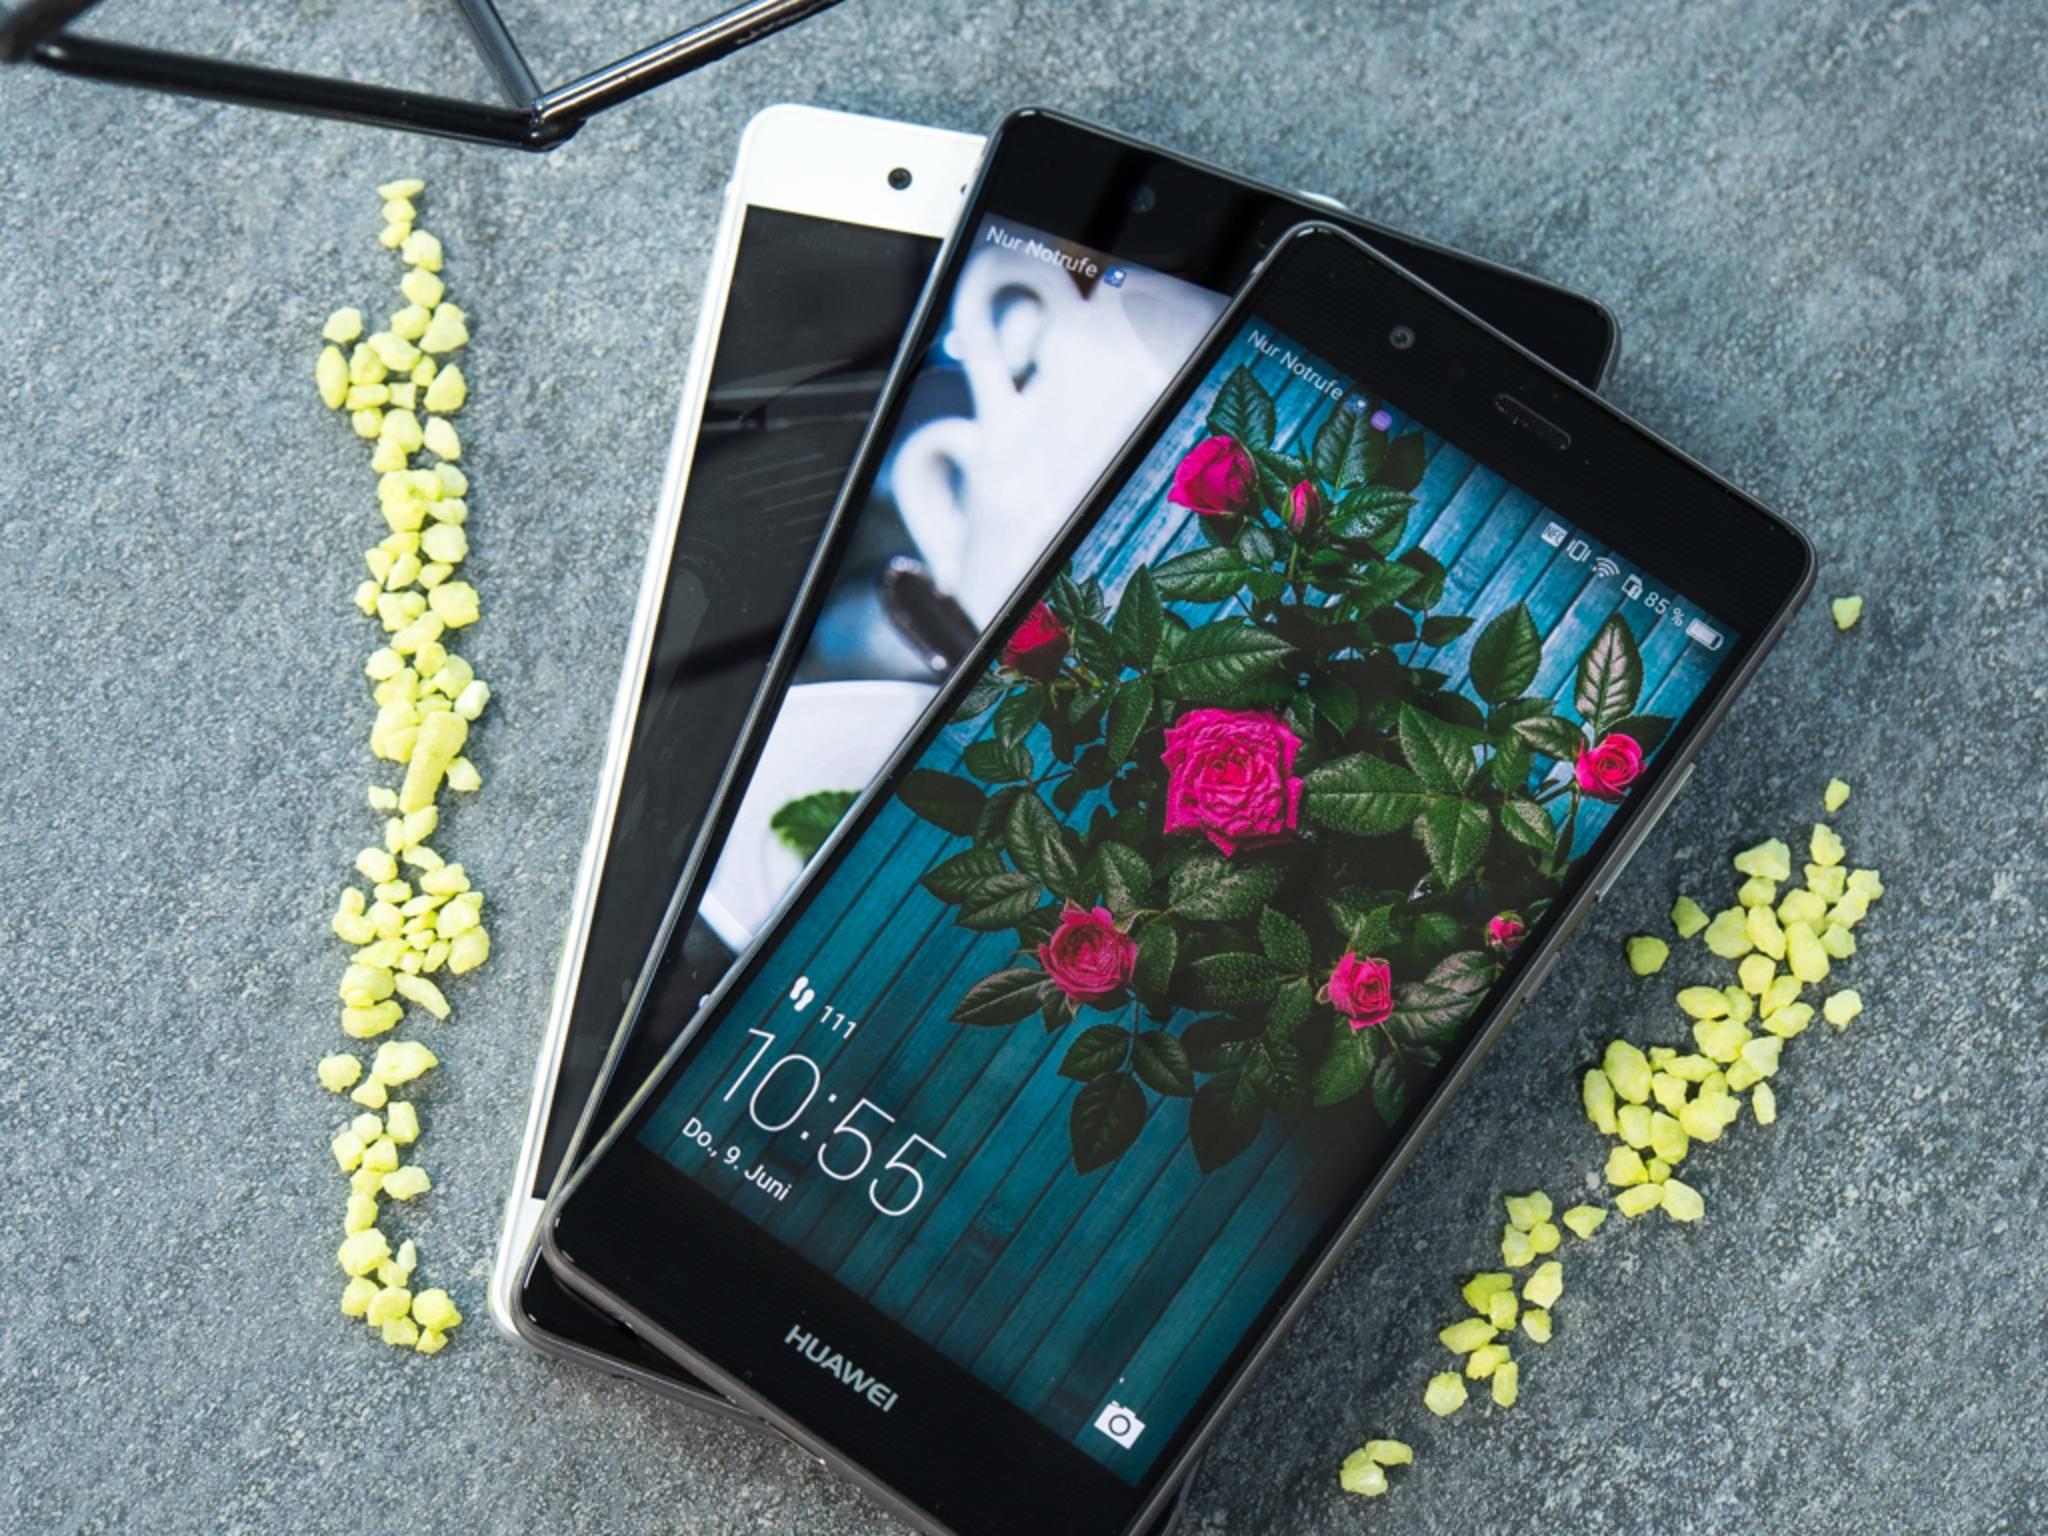 Die Mitglieder der Huawei P9-Familie gehören unterschiedlichen Preisklassen an.